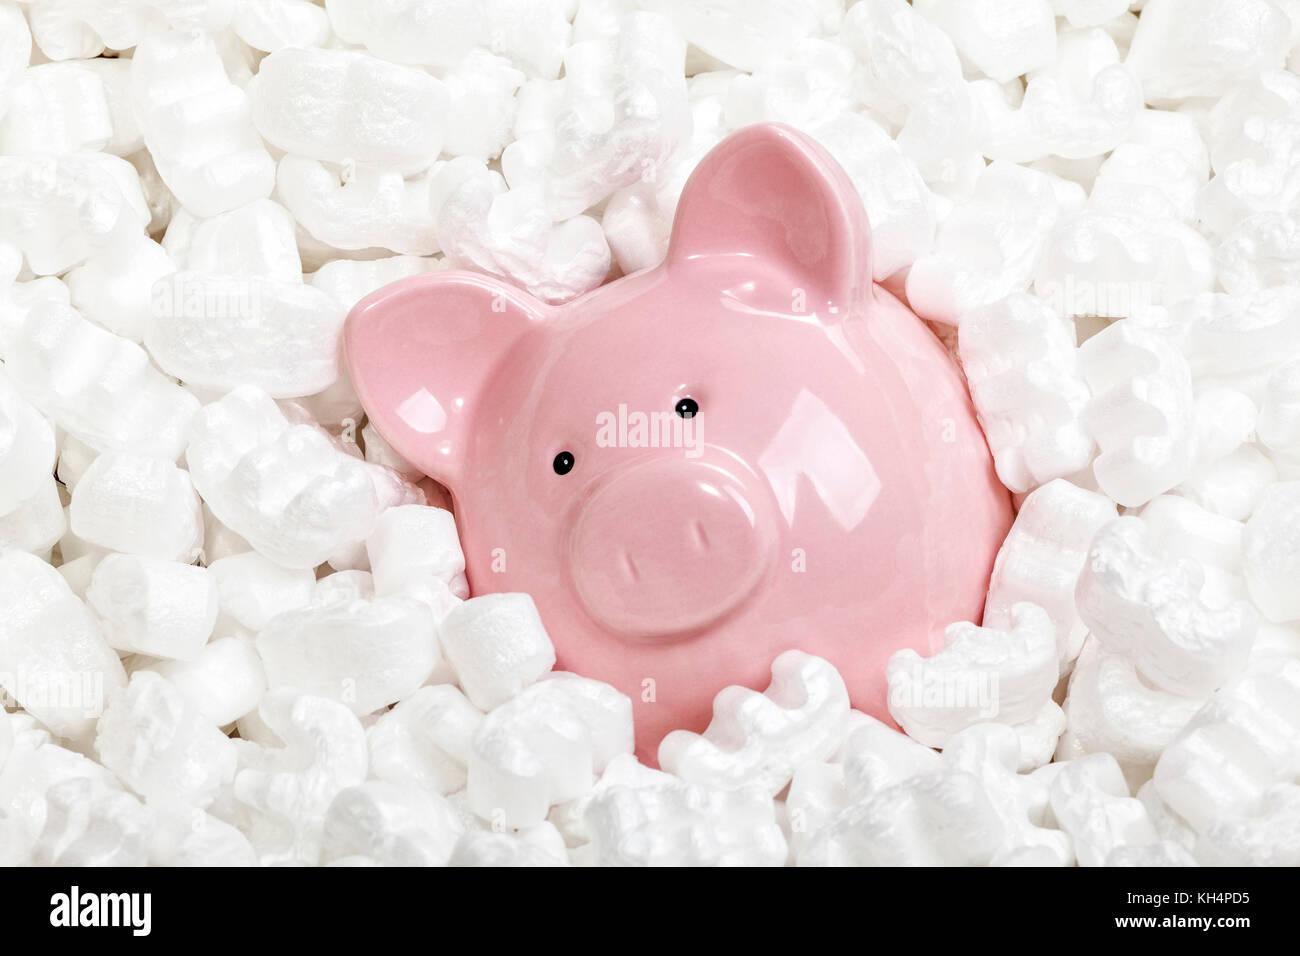 Piggybank e noccioline di polistirolo sullo sfondo Immagini Stock